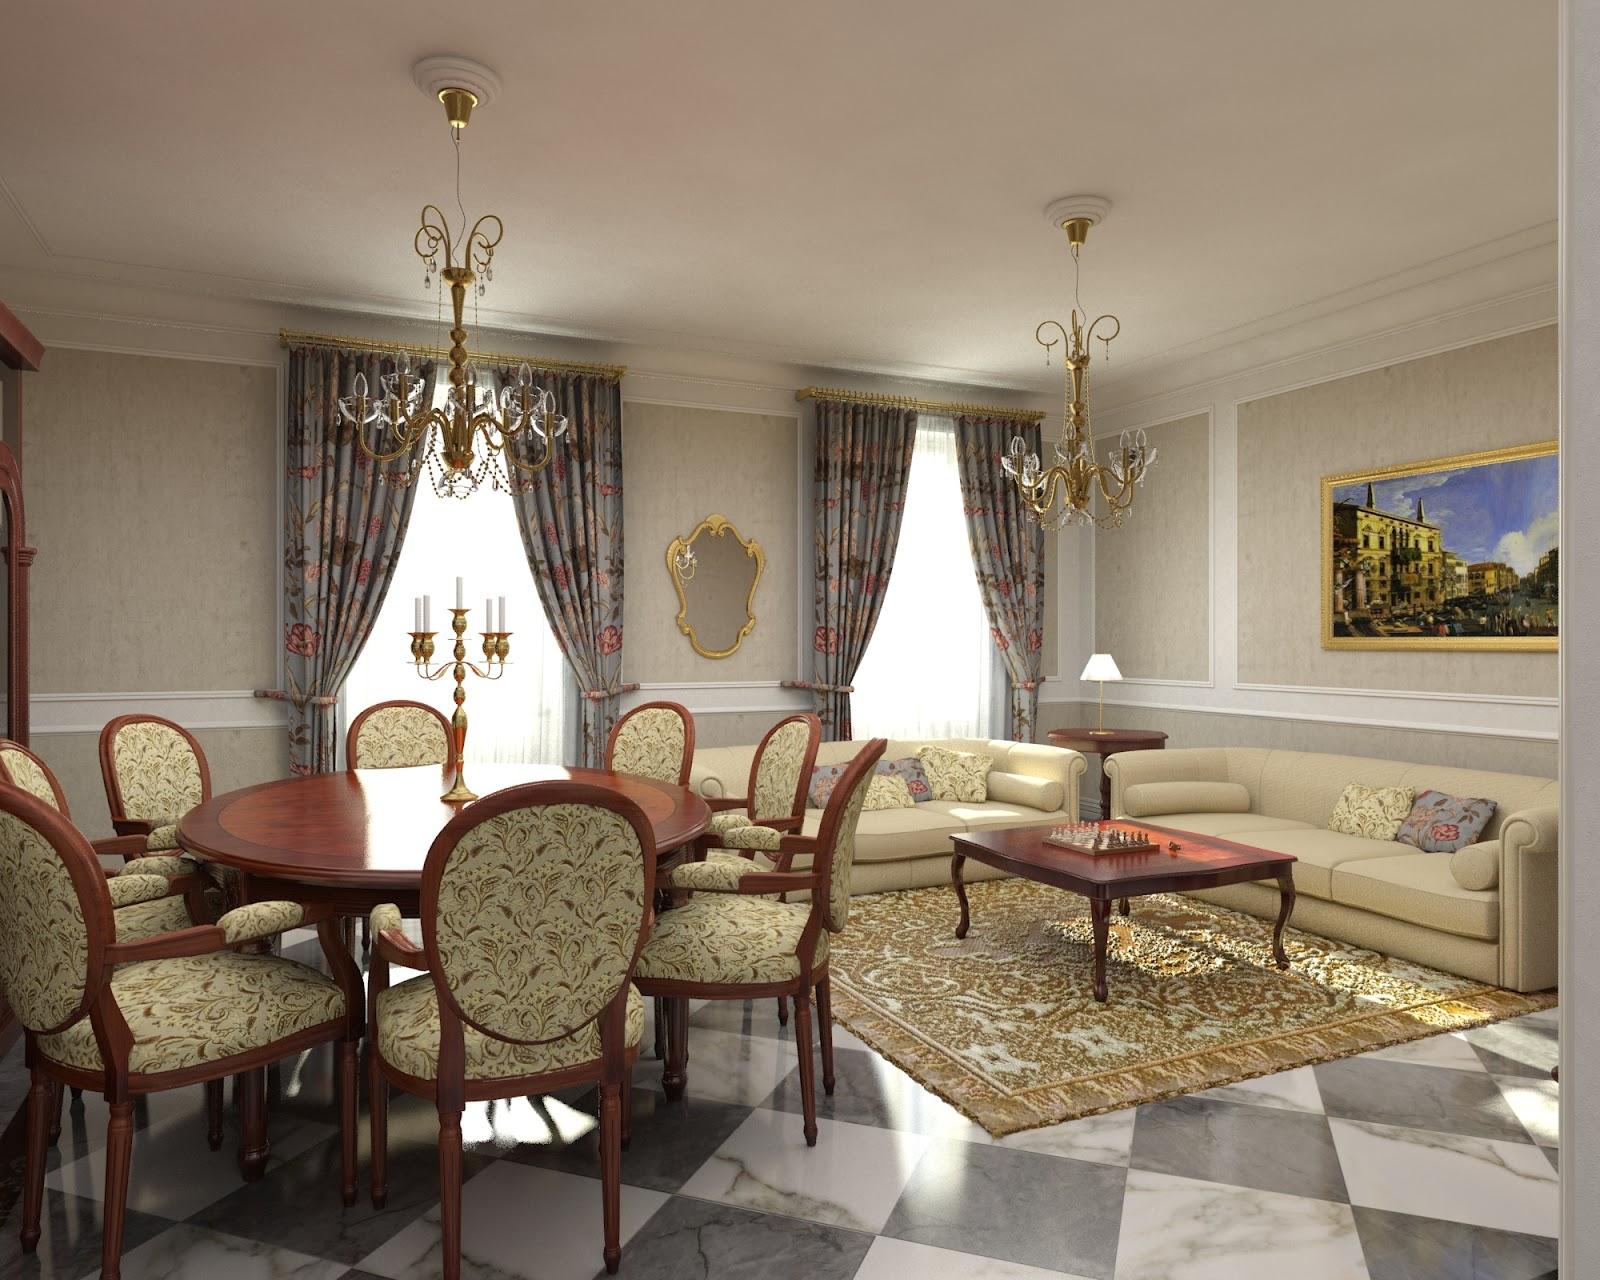 Salas con suelos de m rmol ideas para decorar dise ar y for Sala arredamento